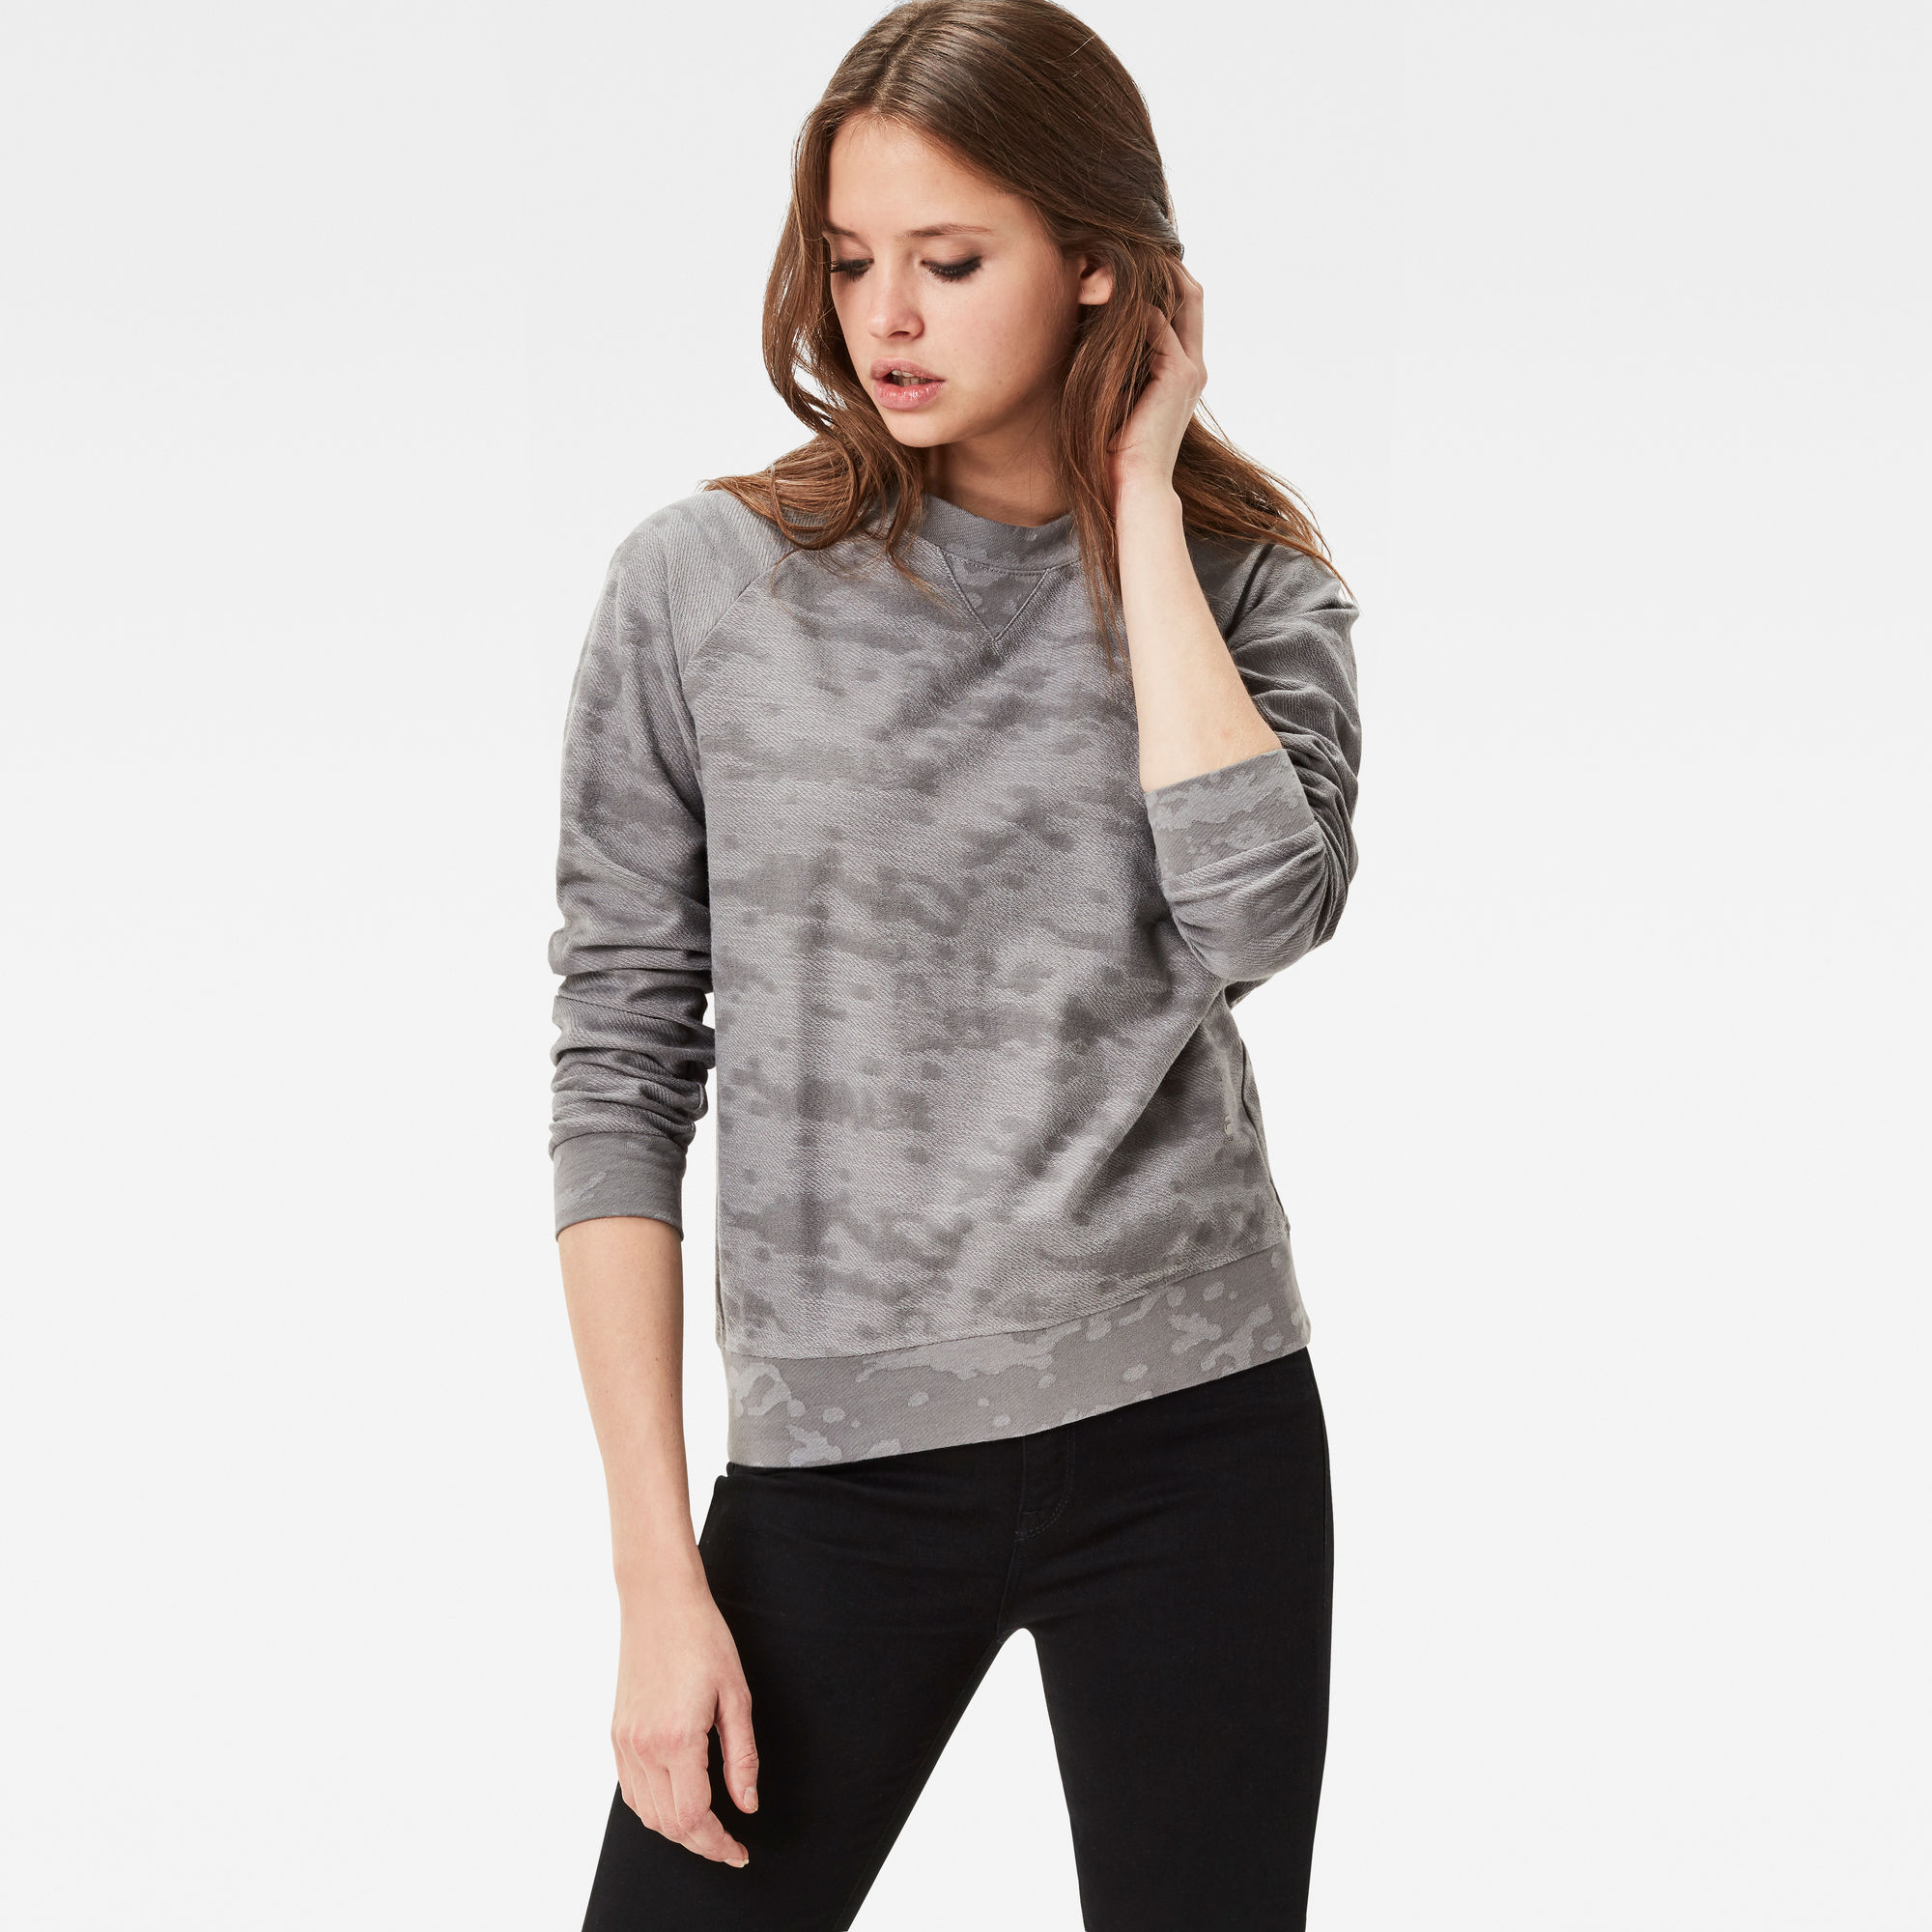 Xula Straight Sweater